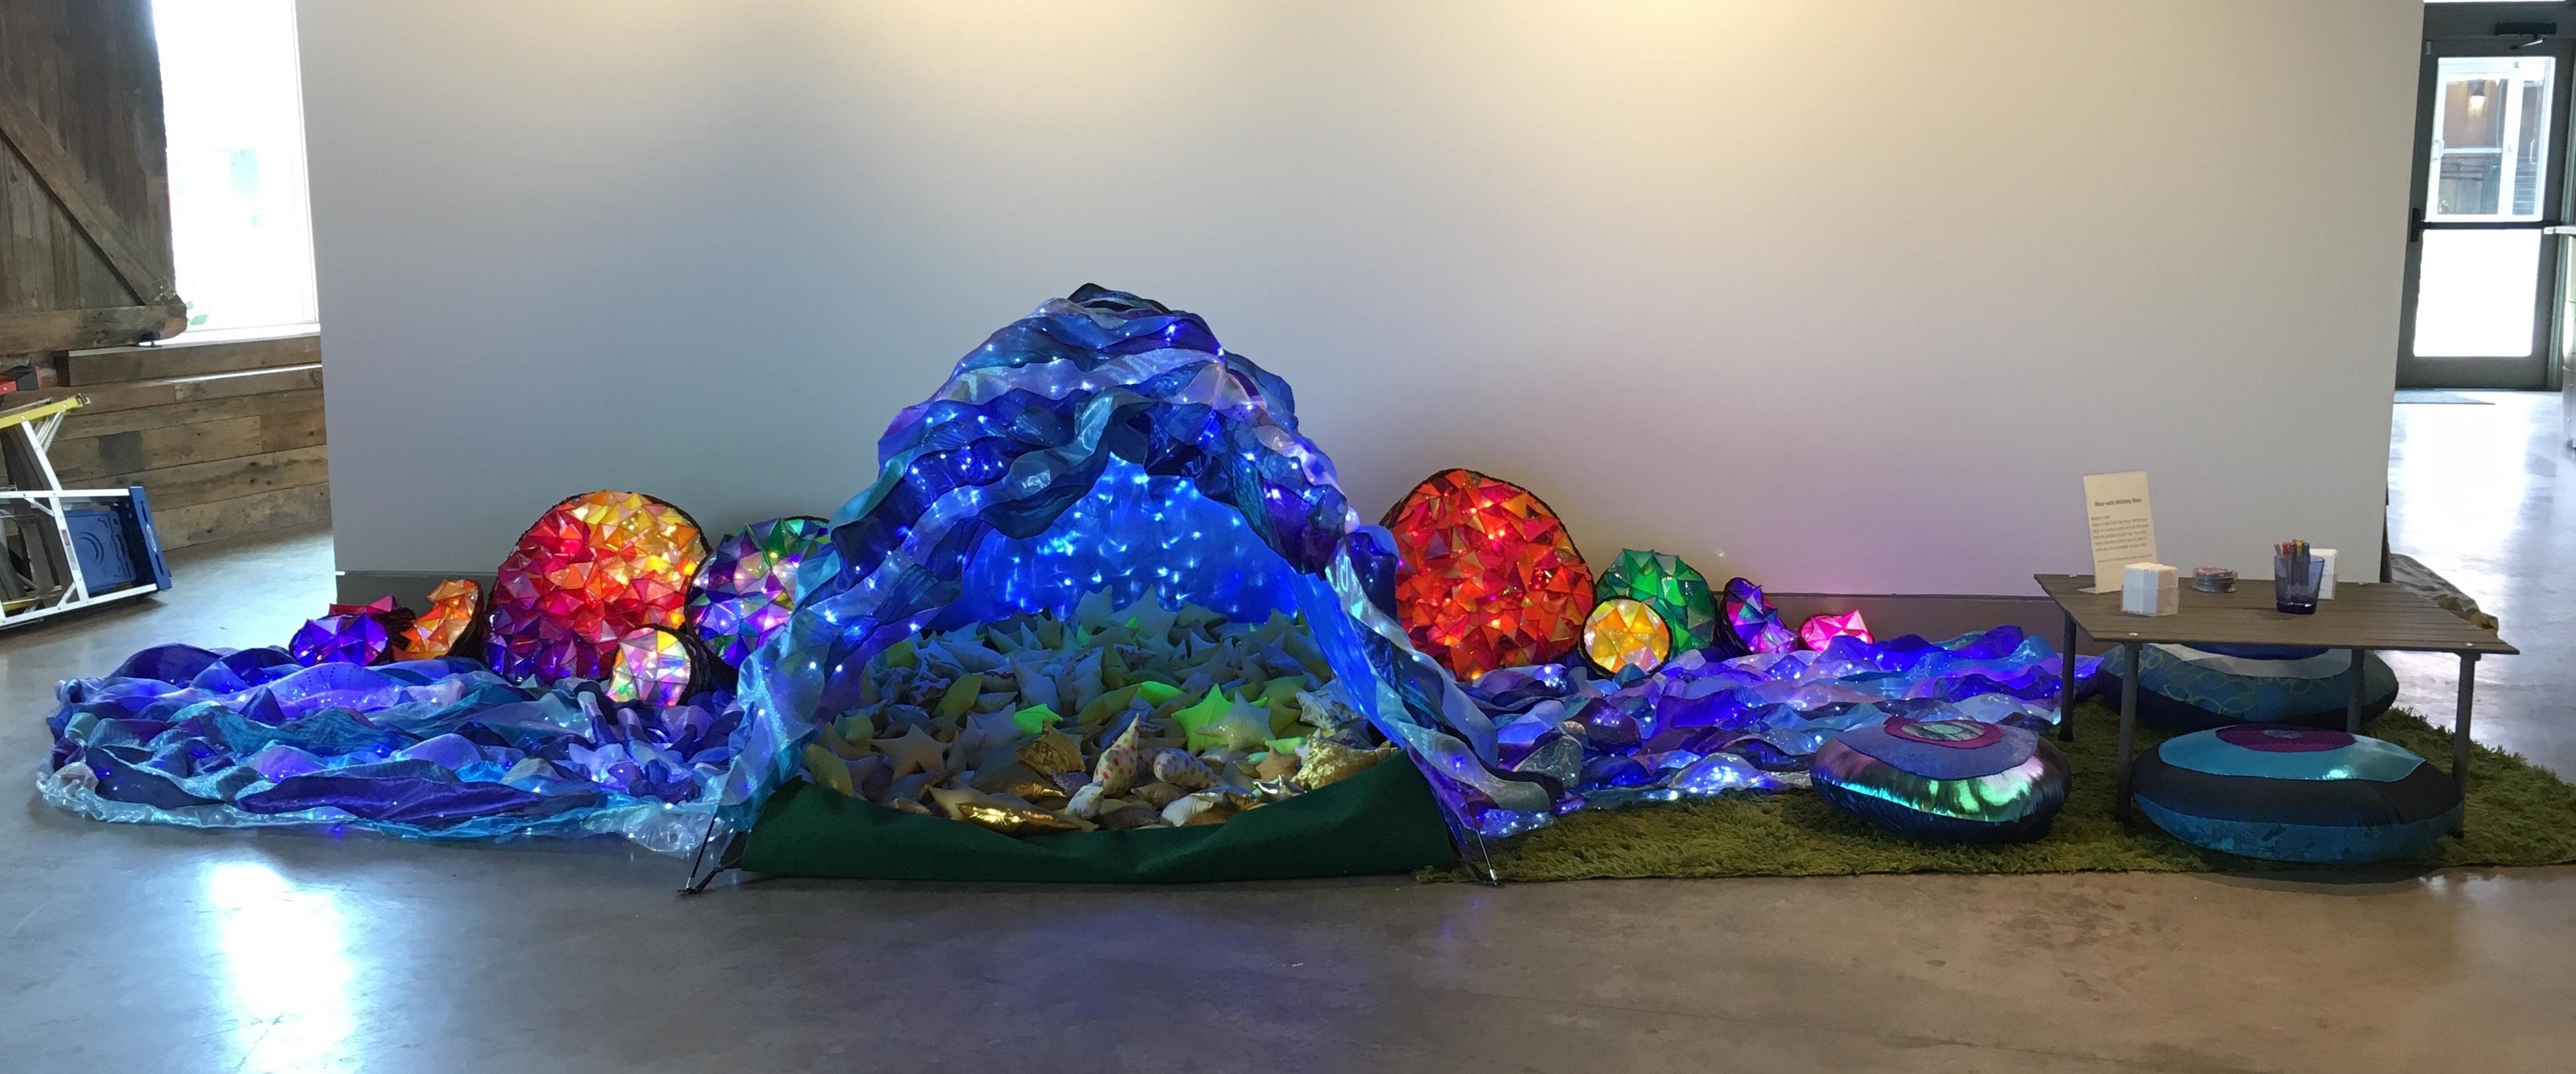 Reitmeyer_River_ArtFields_2019